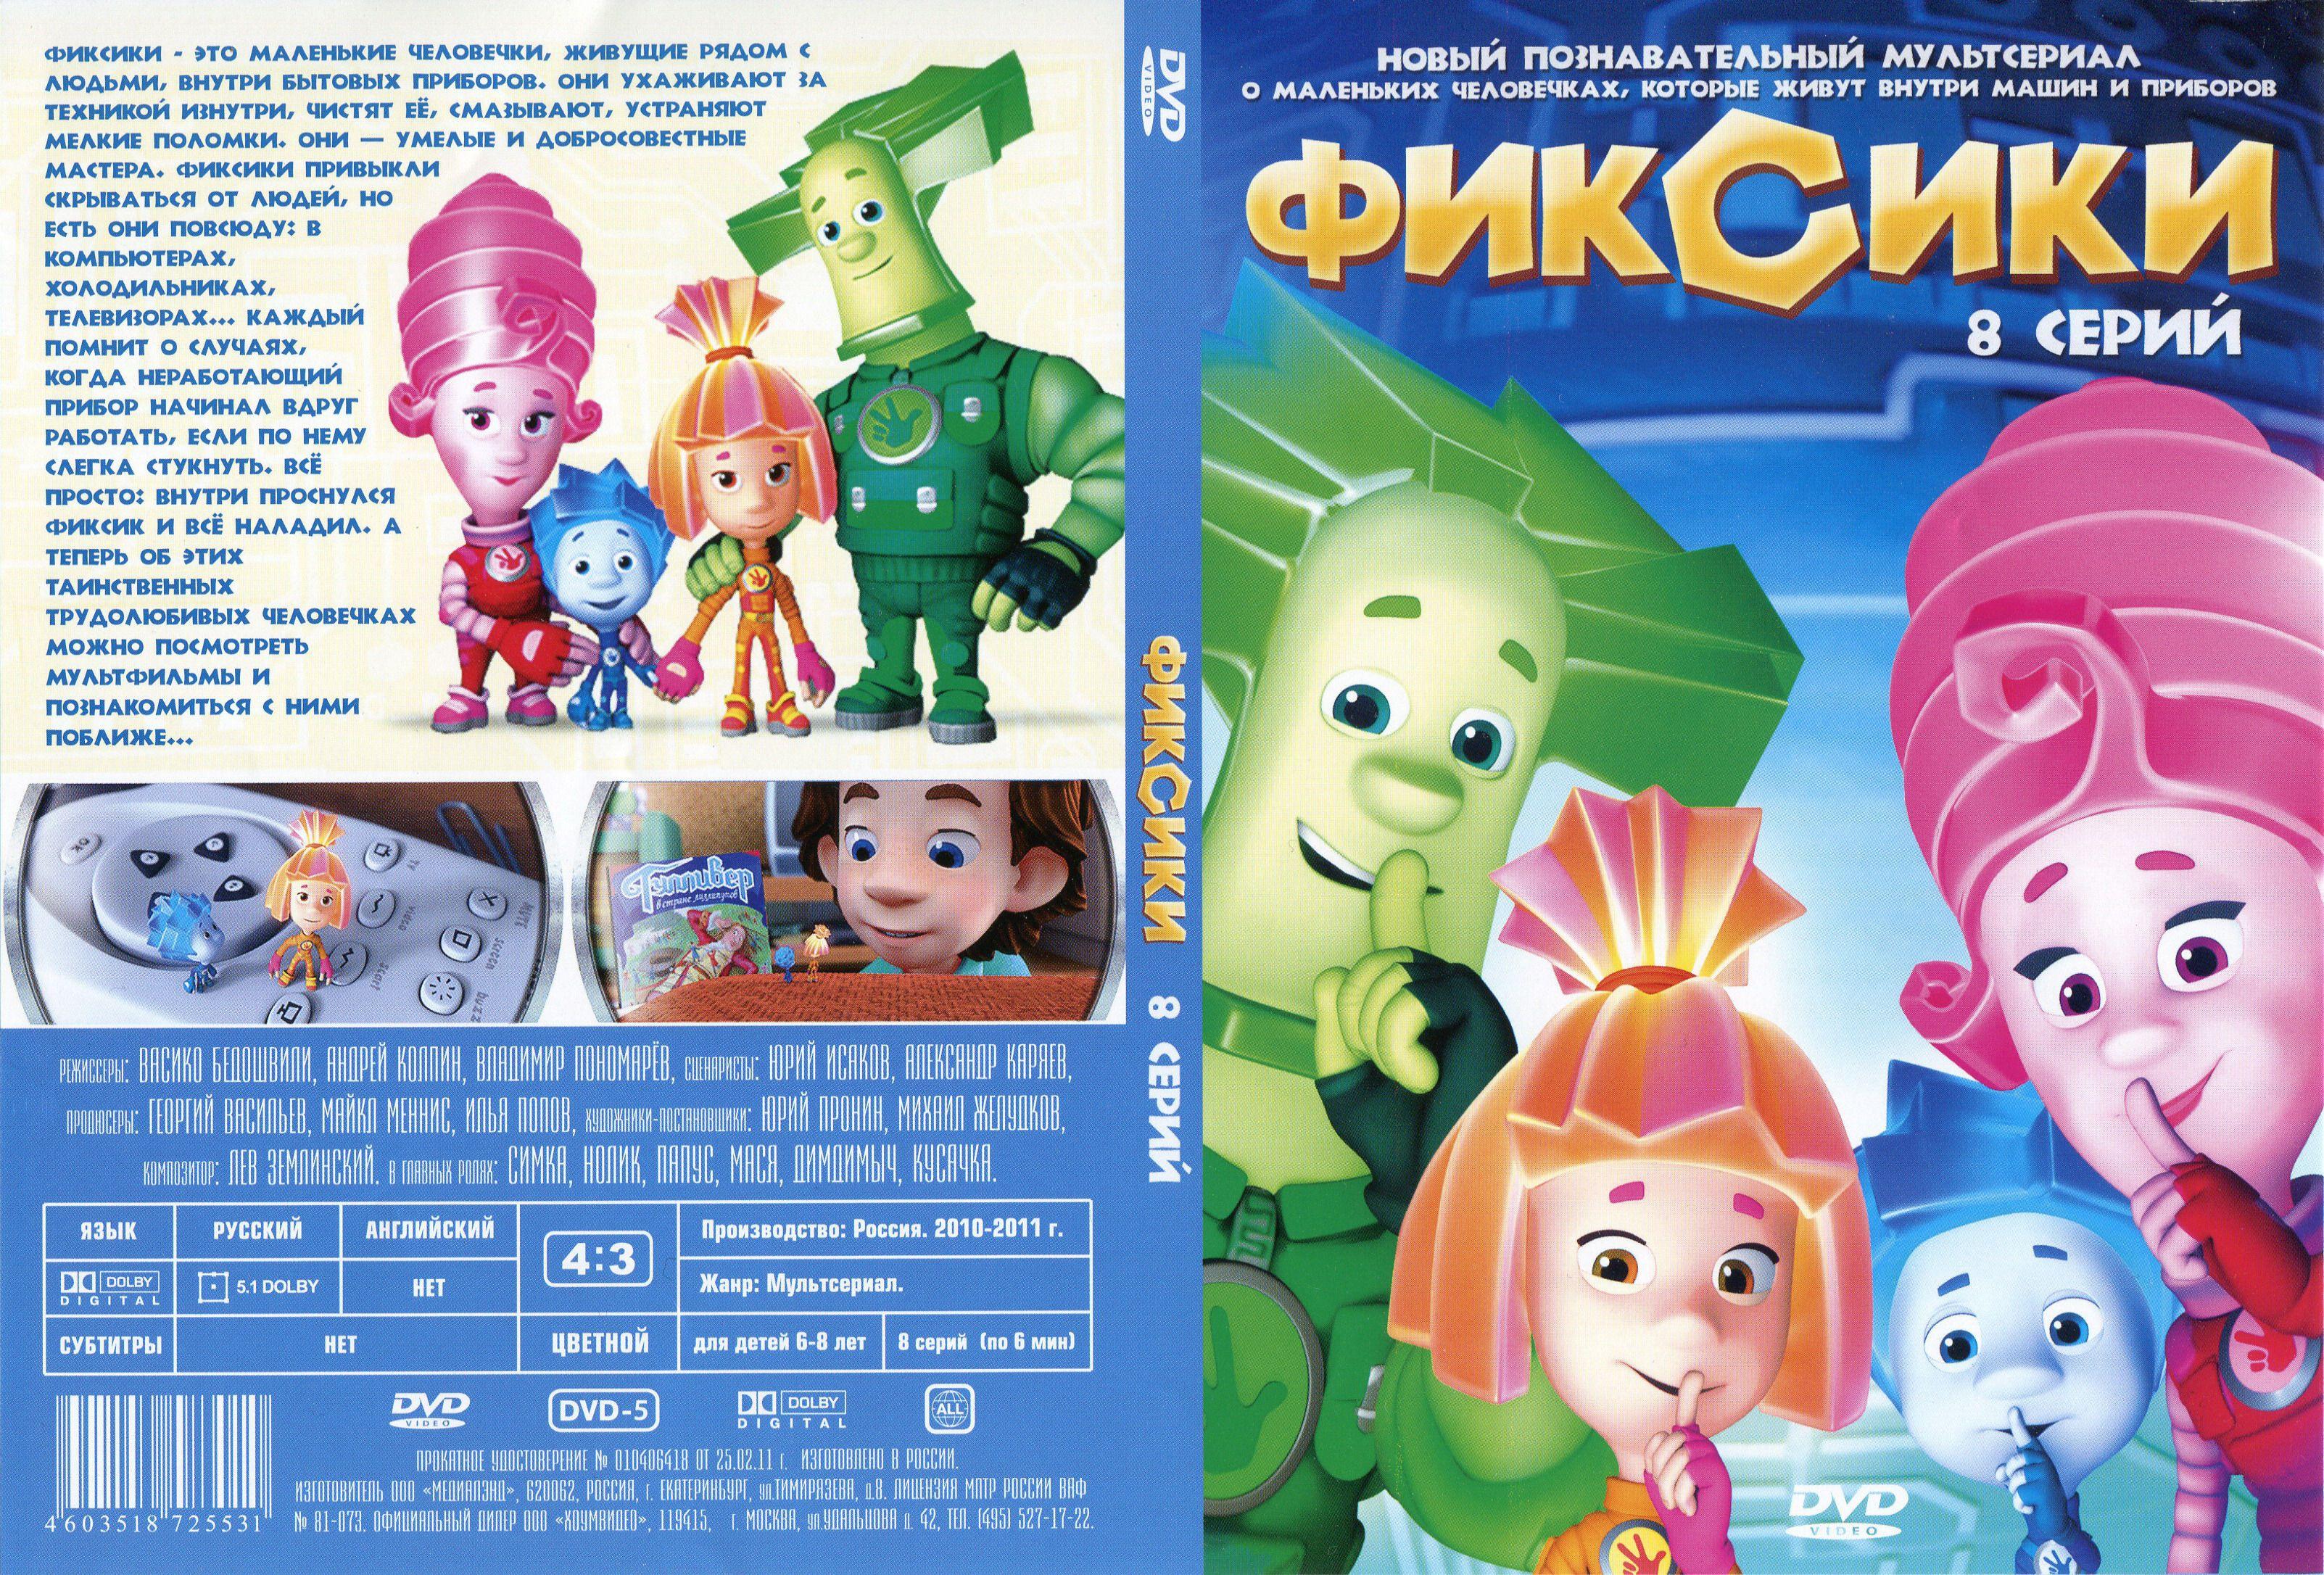 Фиксики 1 сезон (2010) скачать торрентом мультфильм бесплатно.